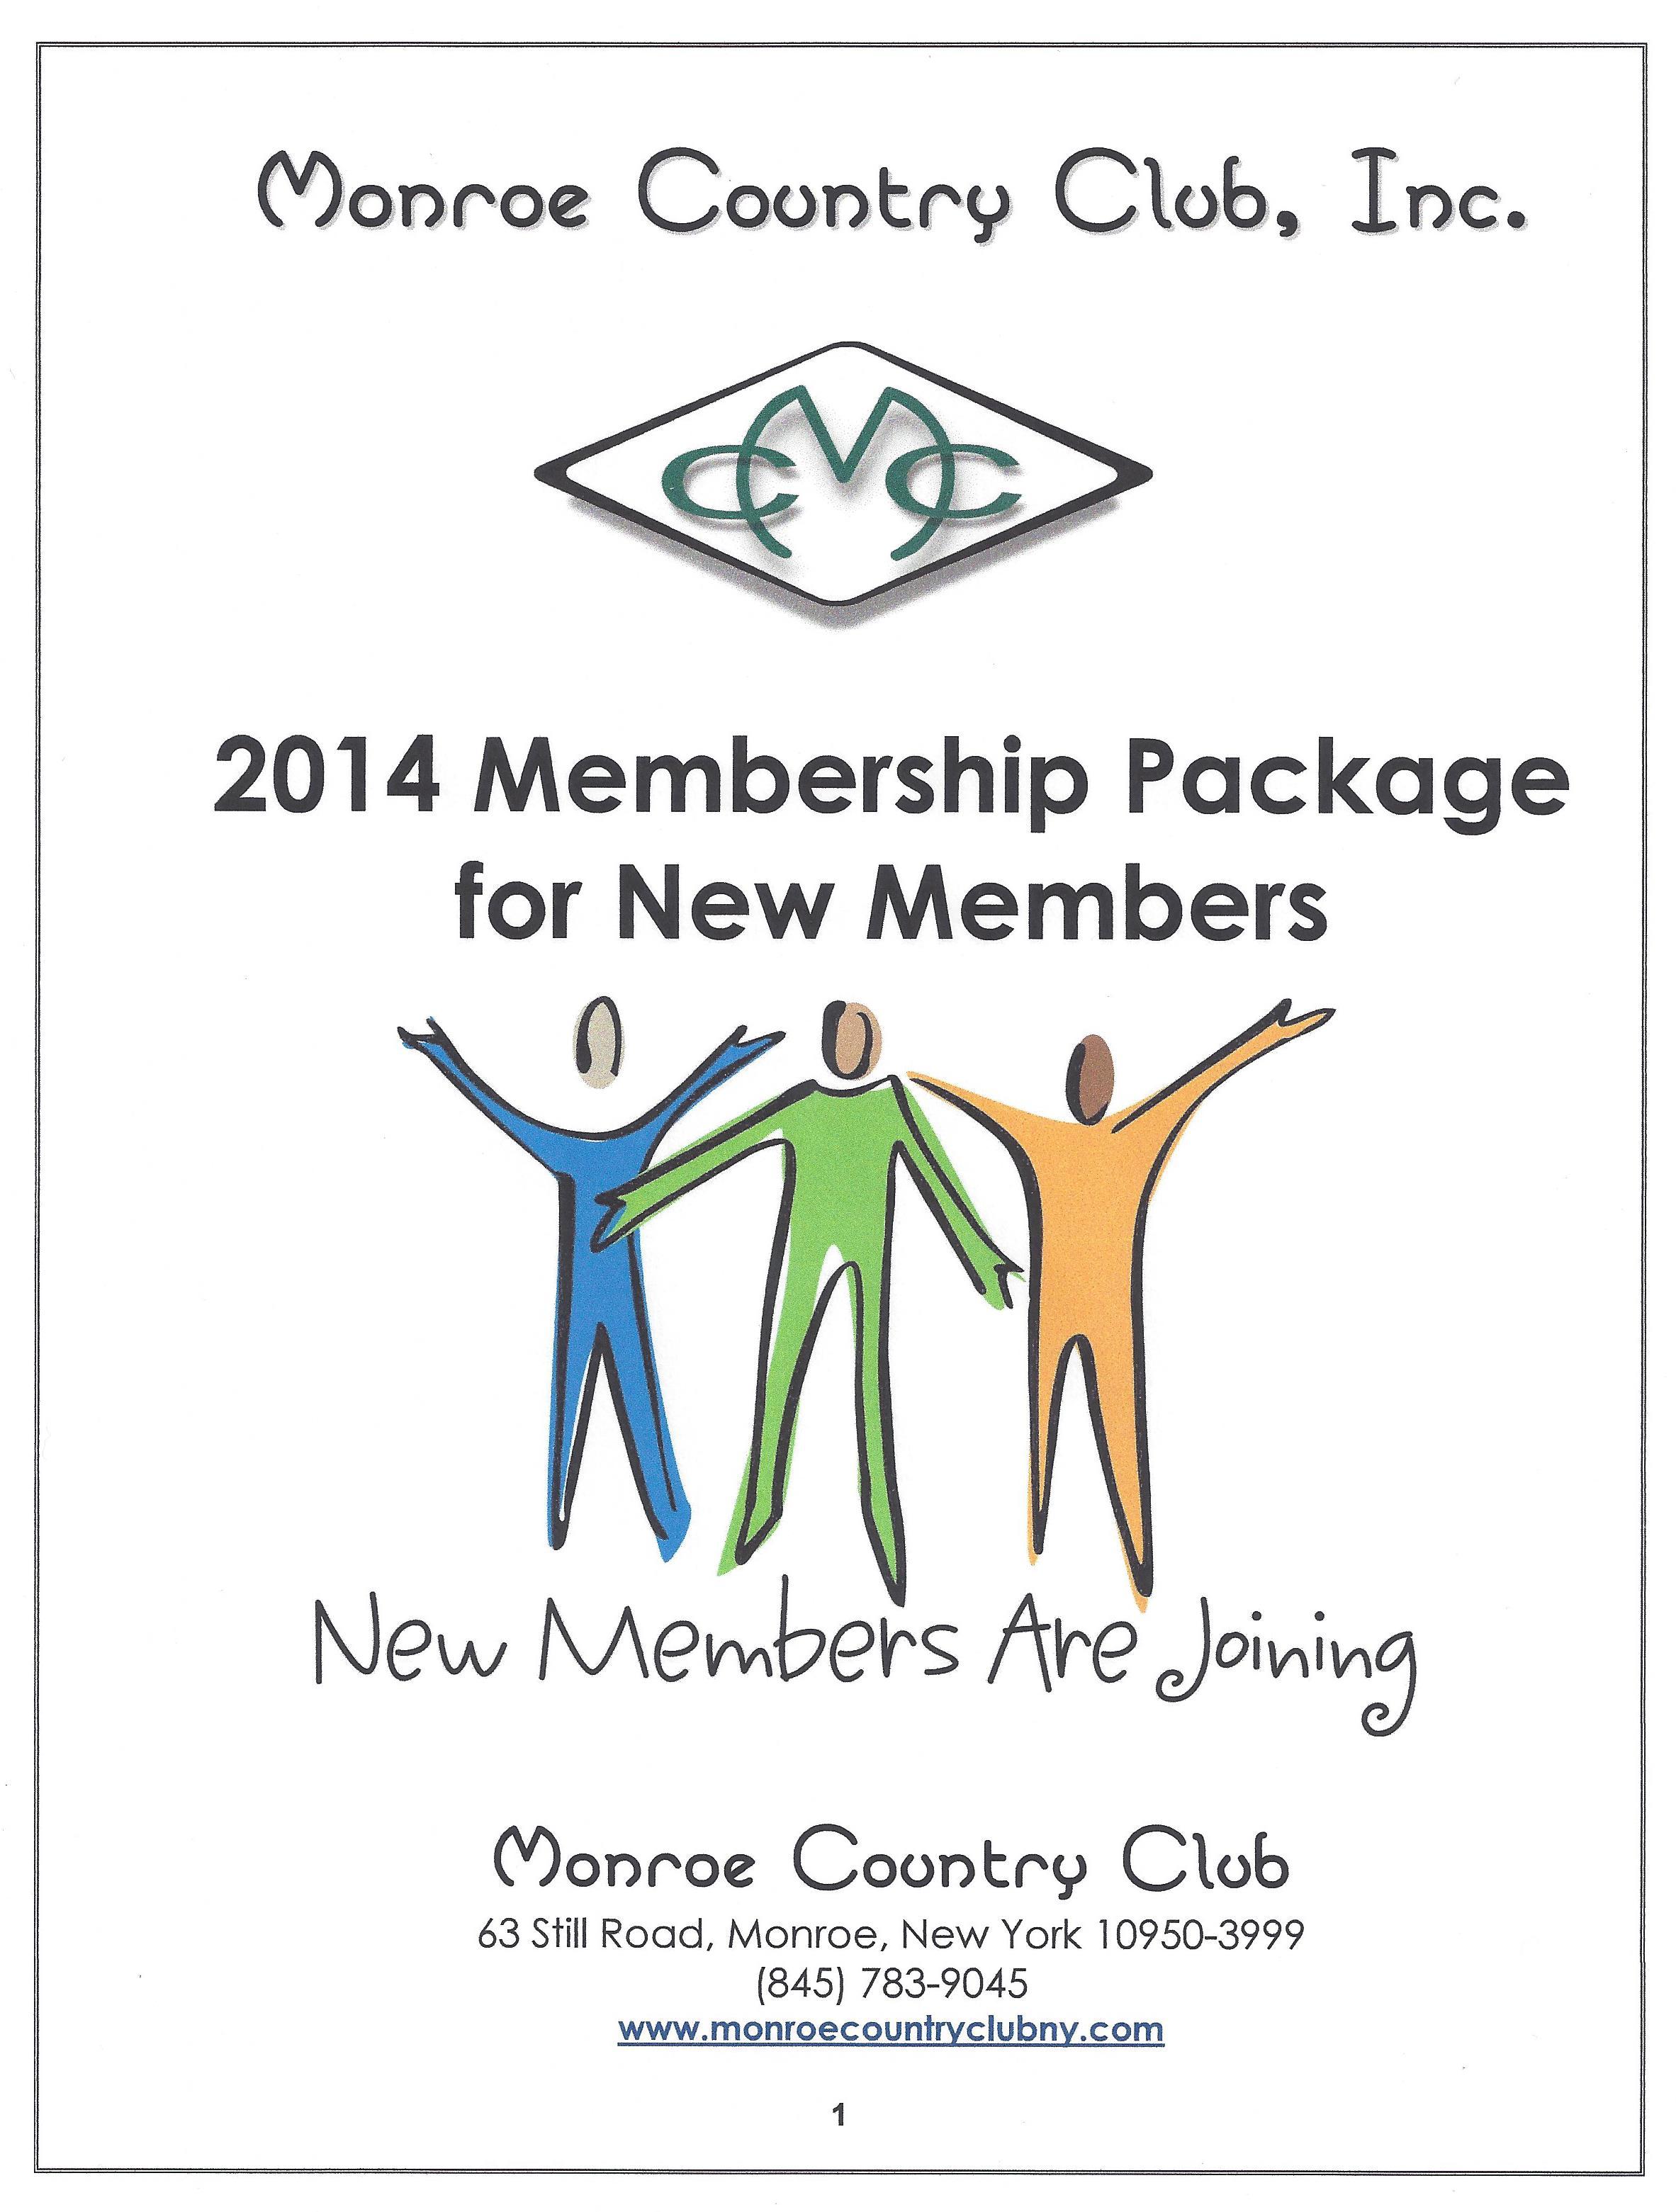 Monroe Country Club